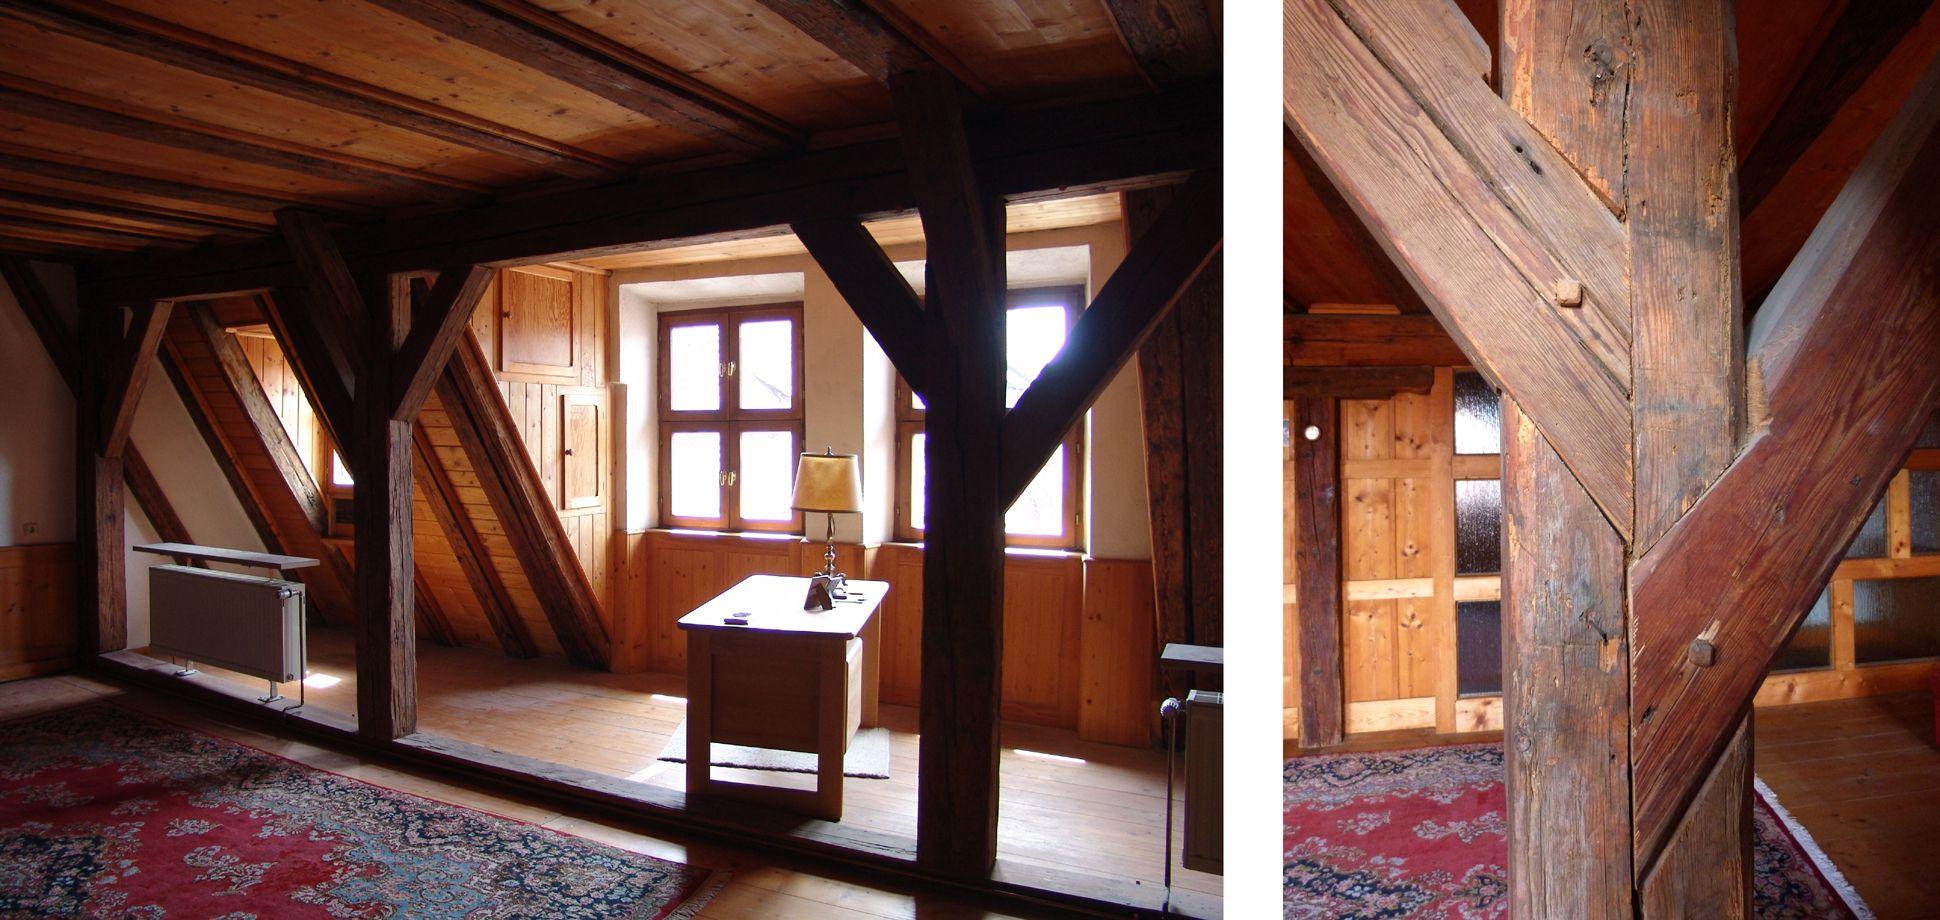 Haus Obere Krämersgasse 12 (Privatbesitz, nicht zu besichtigen) Innenraum des Zwerchhauses von 1399, rechts die typisch gotischen Verblattungen.